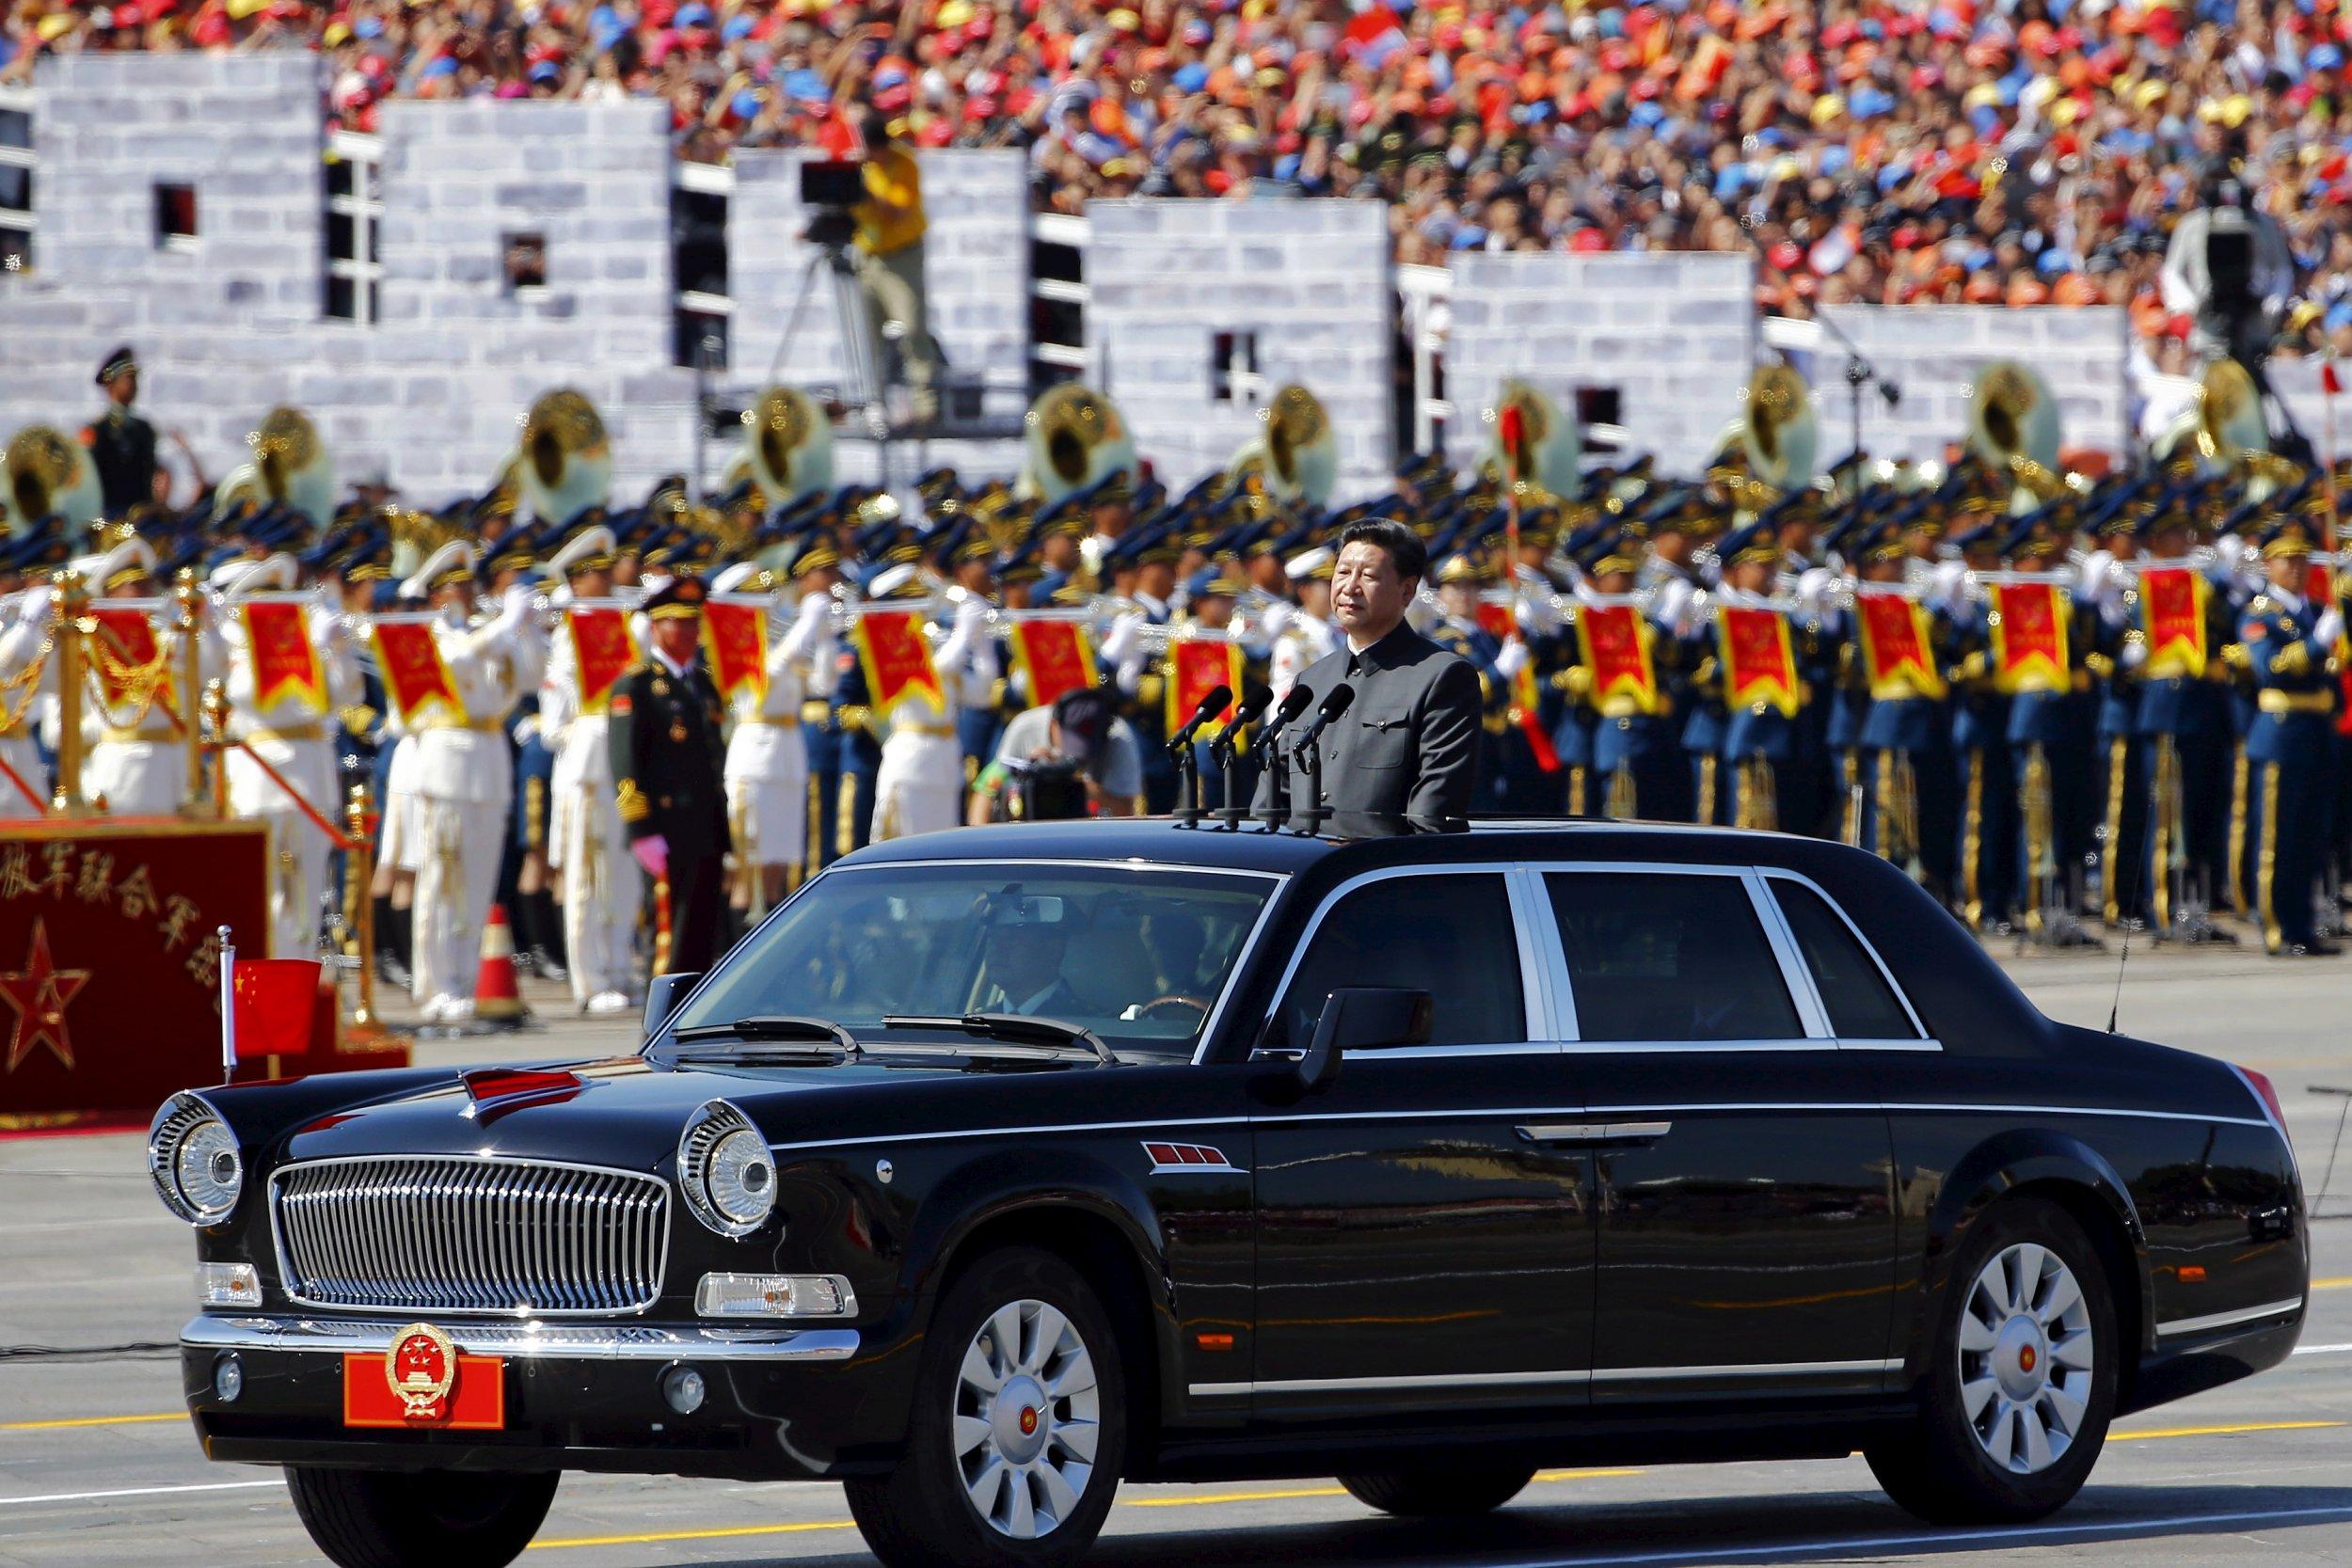 0921_Xi Jinping U.S._02